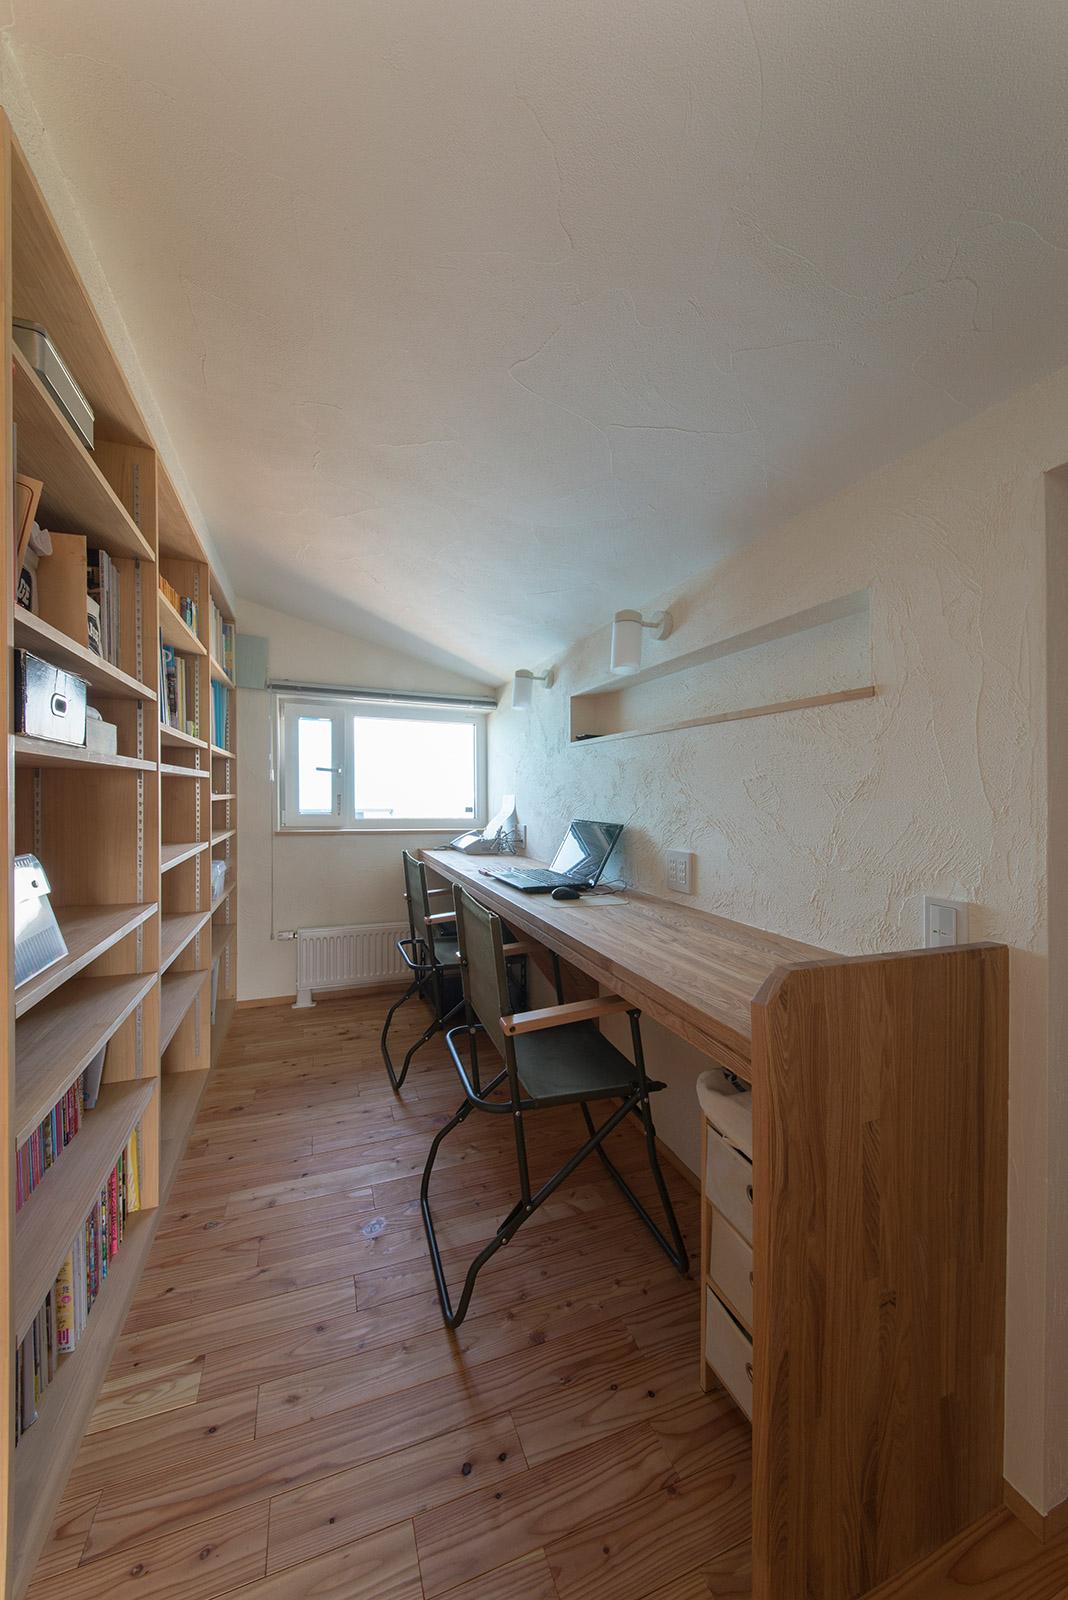 2階の一角には、事務関係の書類やパソコン作業など事務コーナーを確保